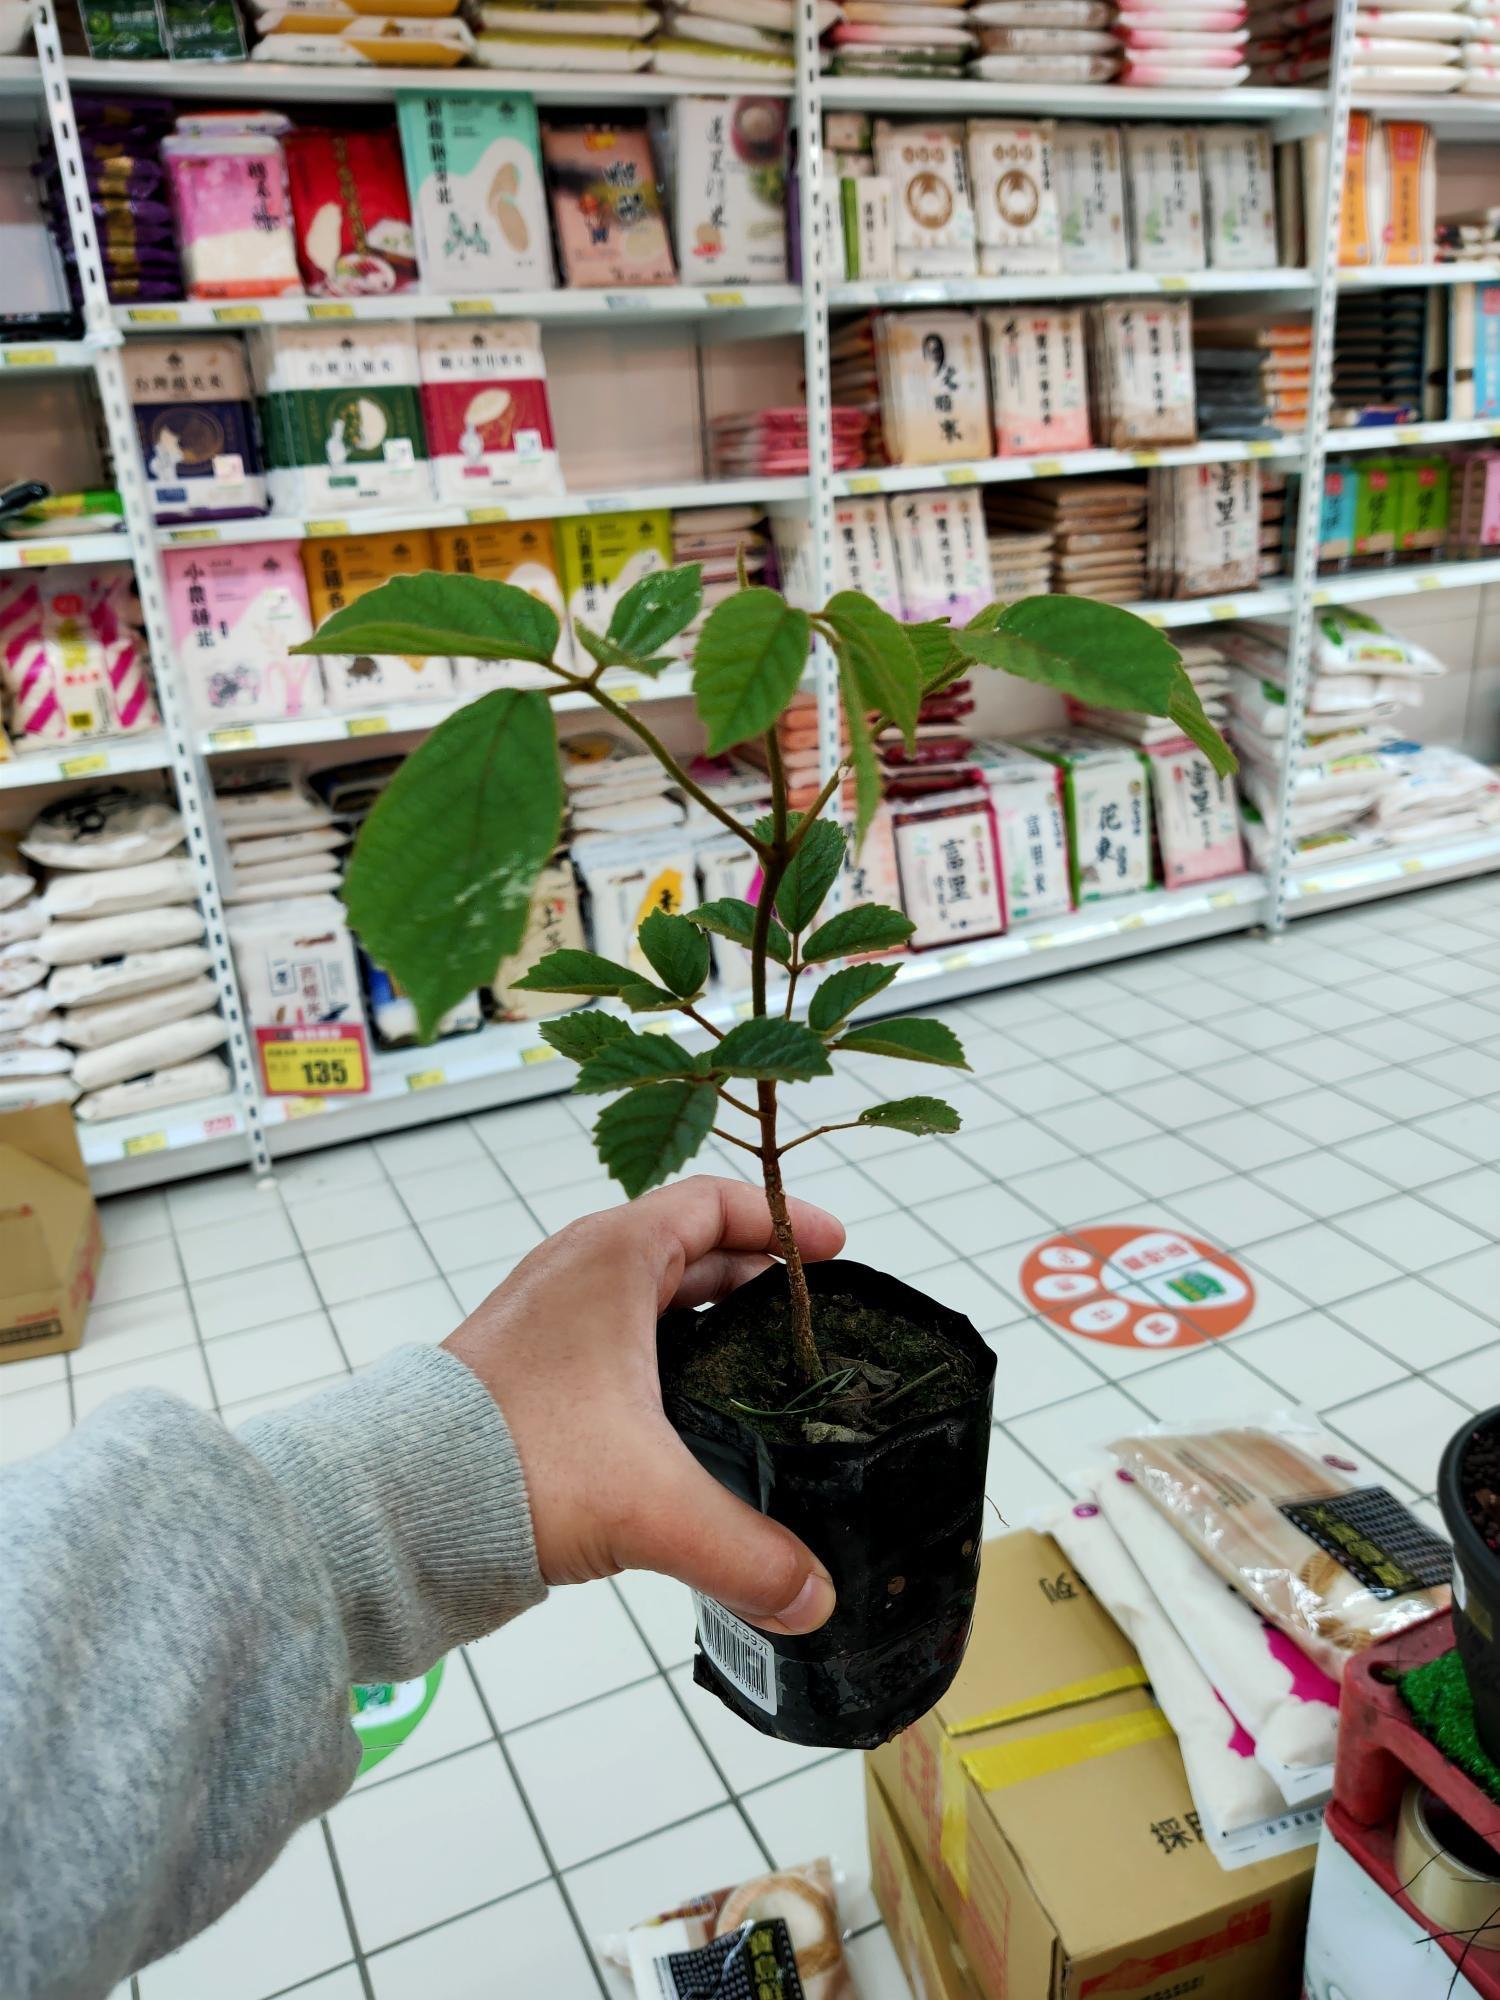 黃金風鈴木盆栽 桃園愛買內園藝區現貨供應 一律自取不寄送